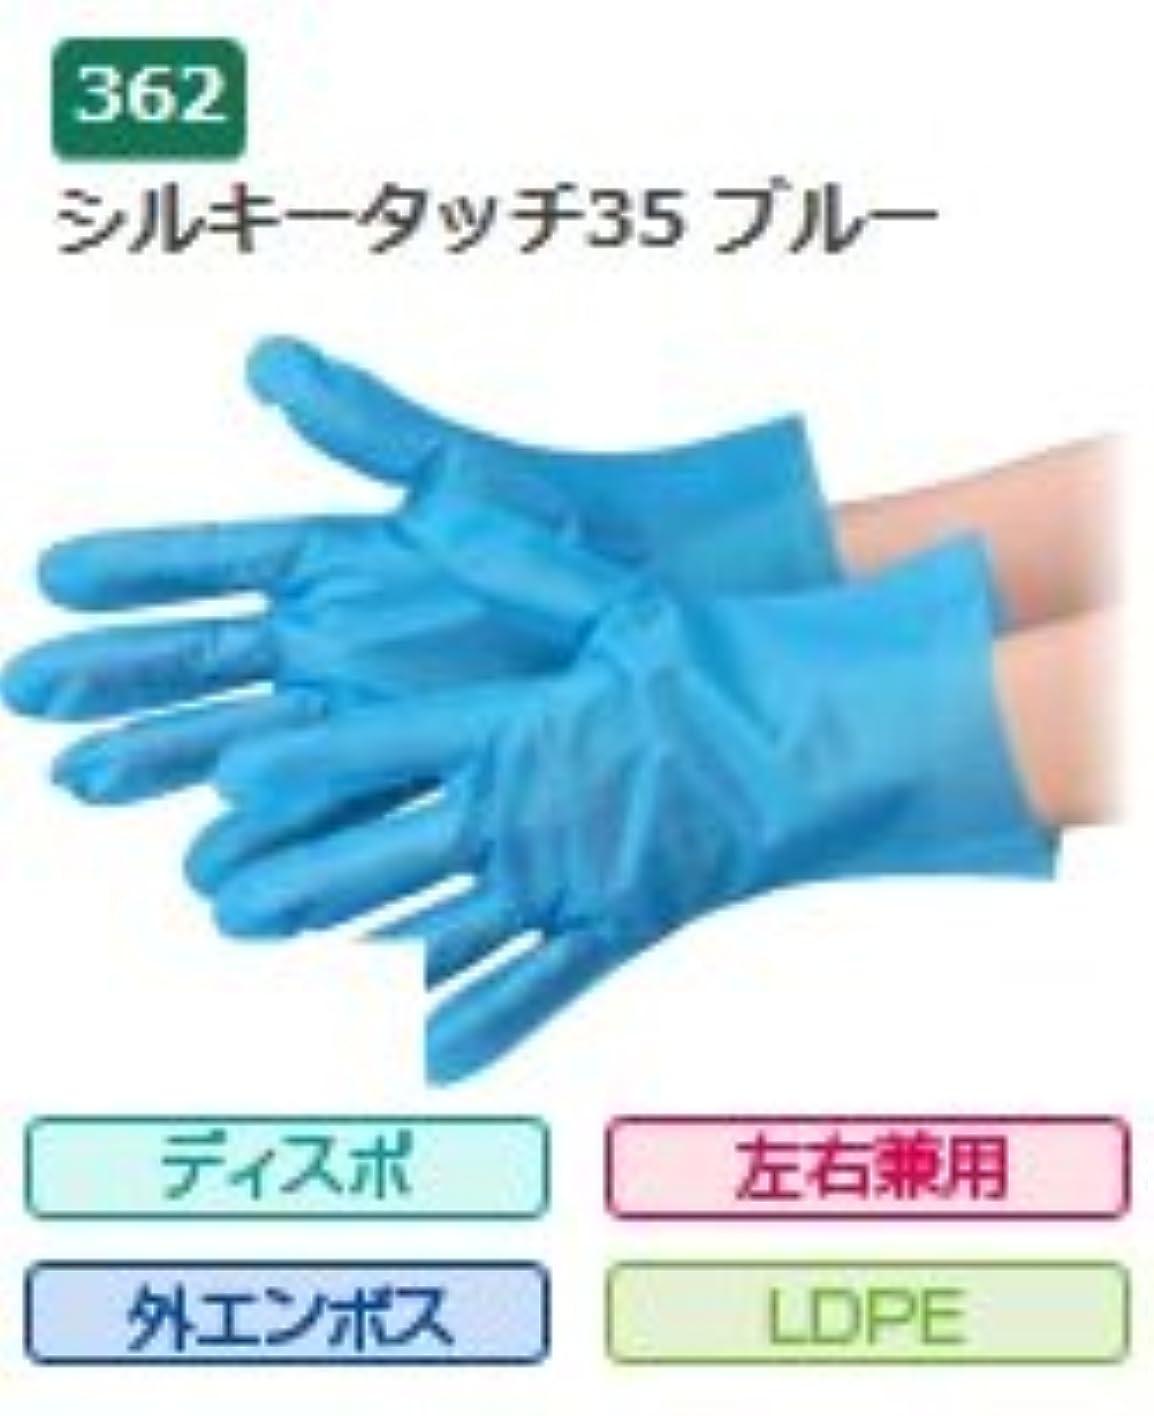 アレンジ調整可能耳エブノ ポリエチレン手袋 No.362 L 青 (100枚×50袋) シルキータッチ35 ブルー 袋入